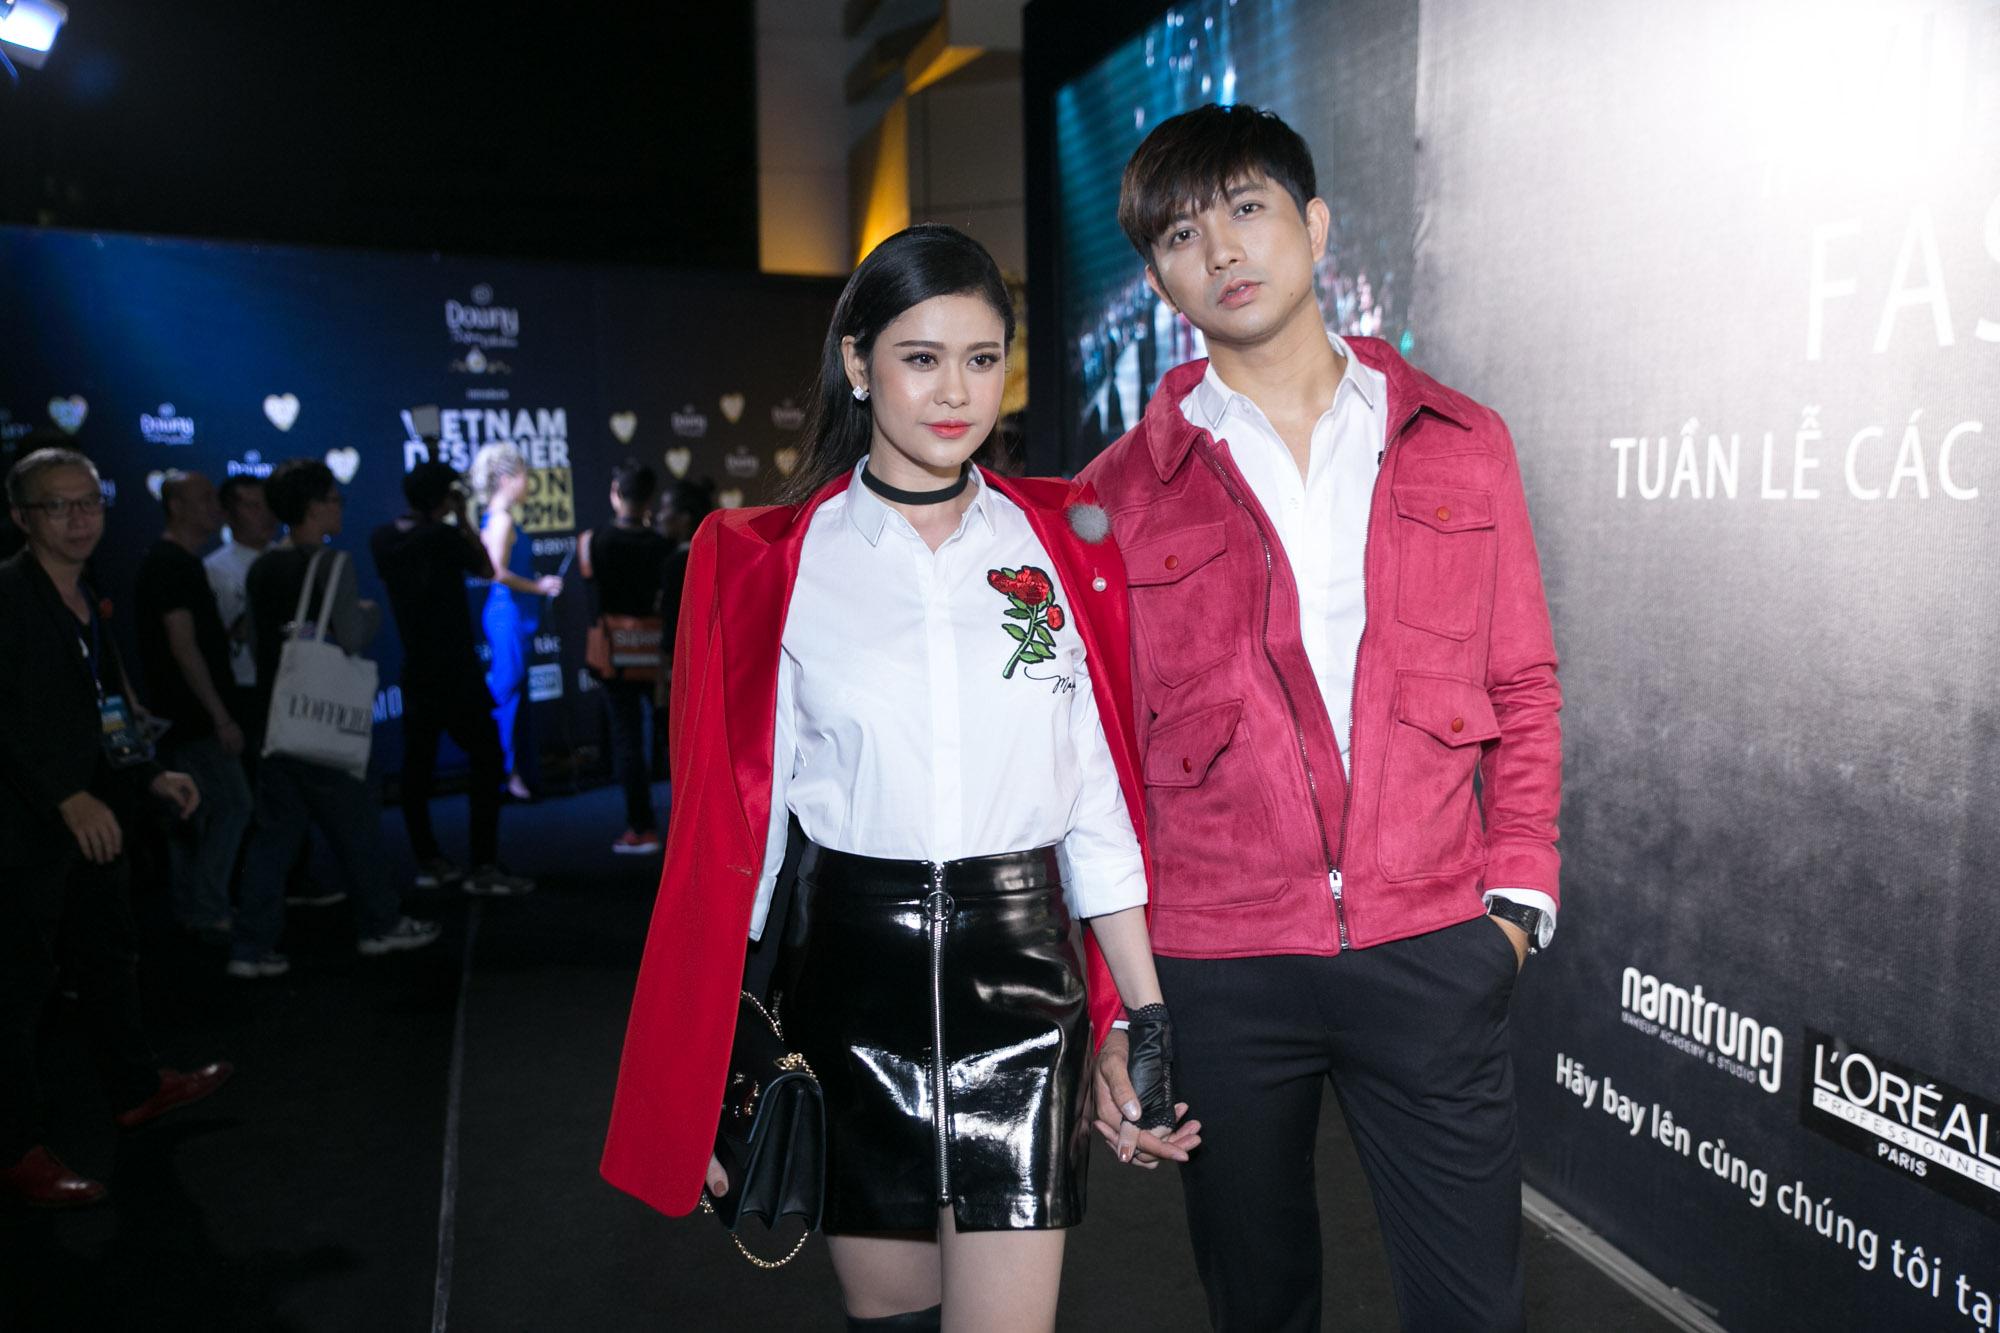 Trương Quỳnh Anh - Tim chăm diện thời trang ton-sur-ton nhất mỗi khi song hành trên thảm đỏ - Ảnh 6.